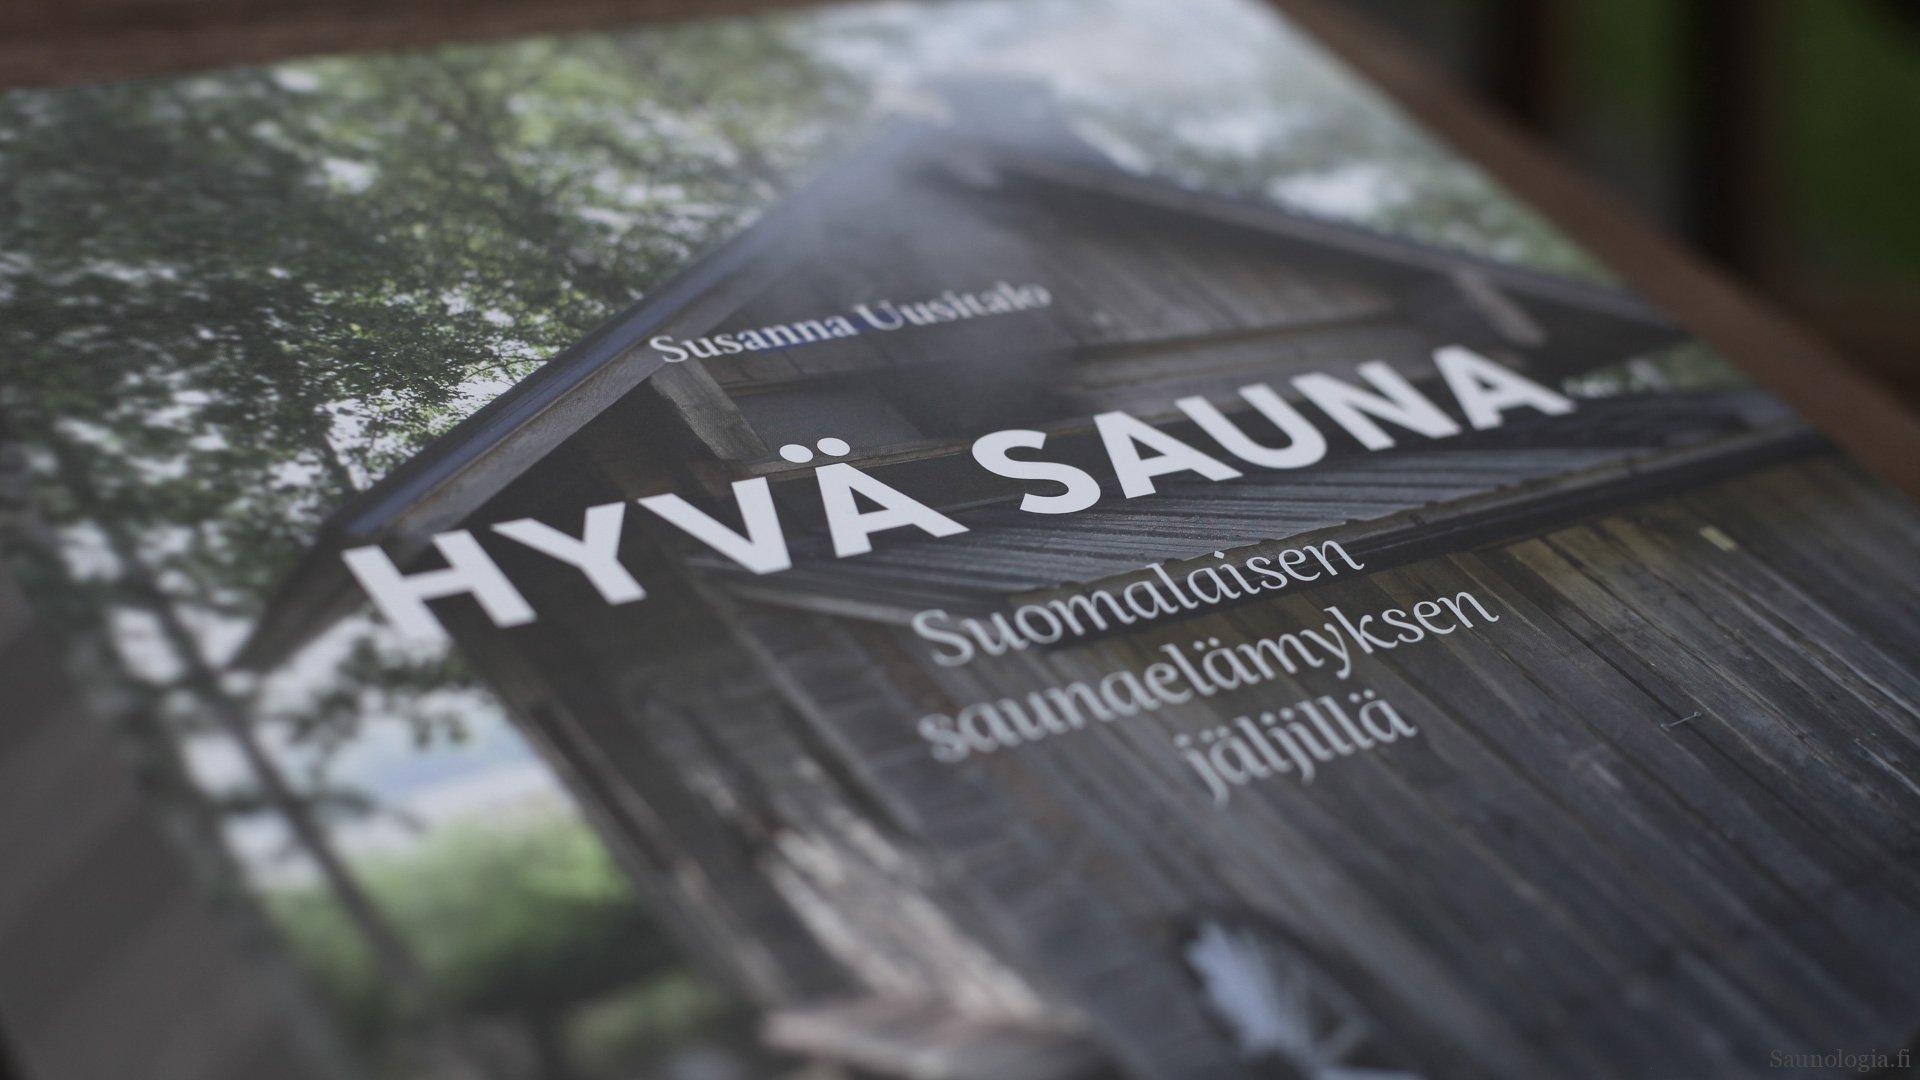 Kirja-arvio: Susanna Uusitalo – Hyvä sauna. Suomalaisen saunaelämyksen jäljillä